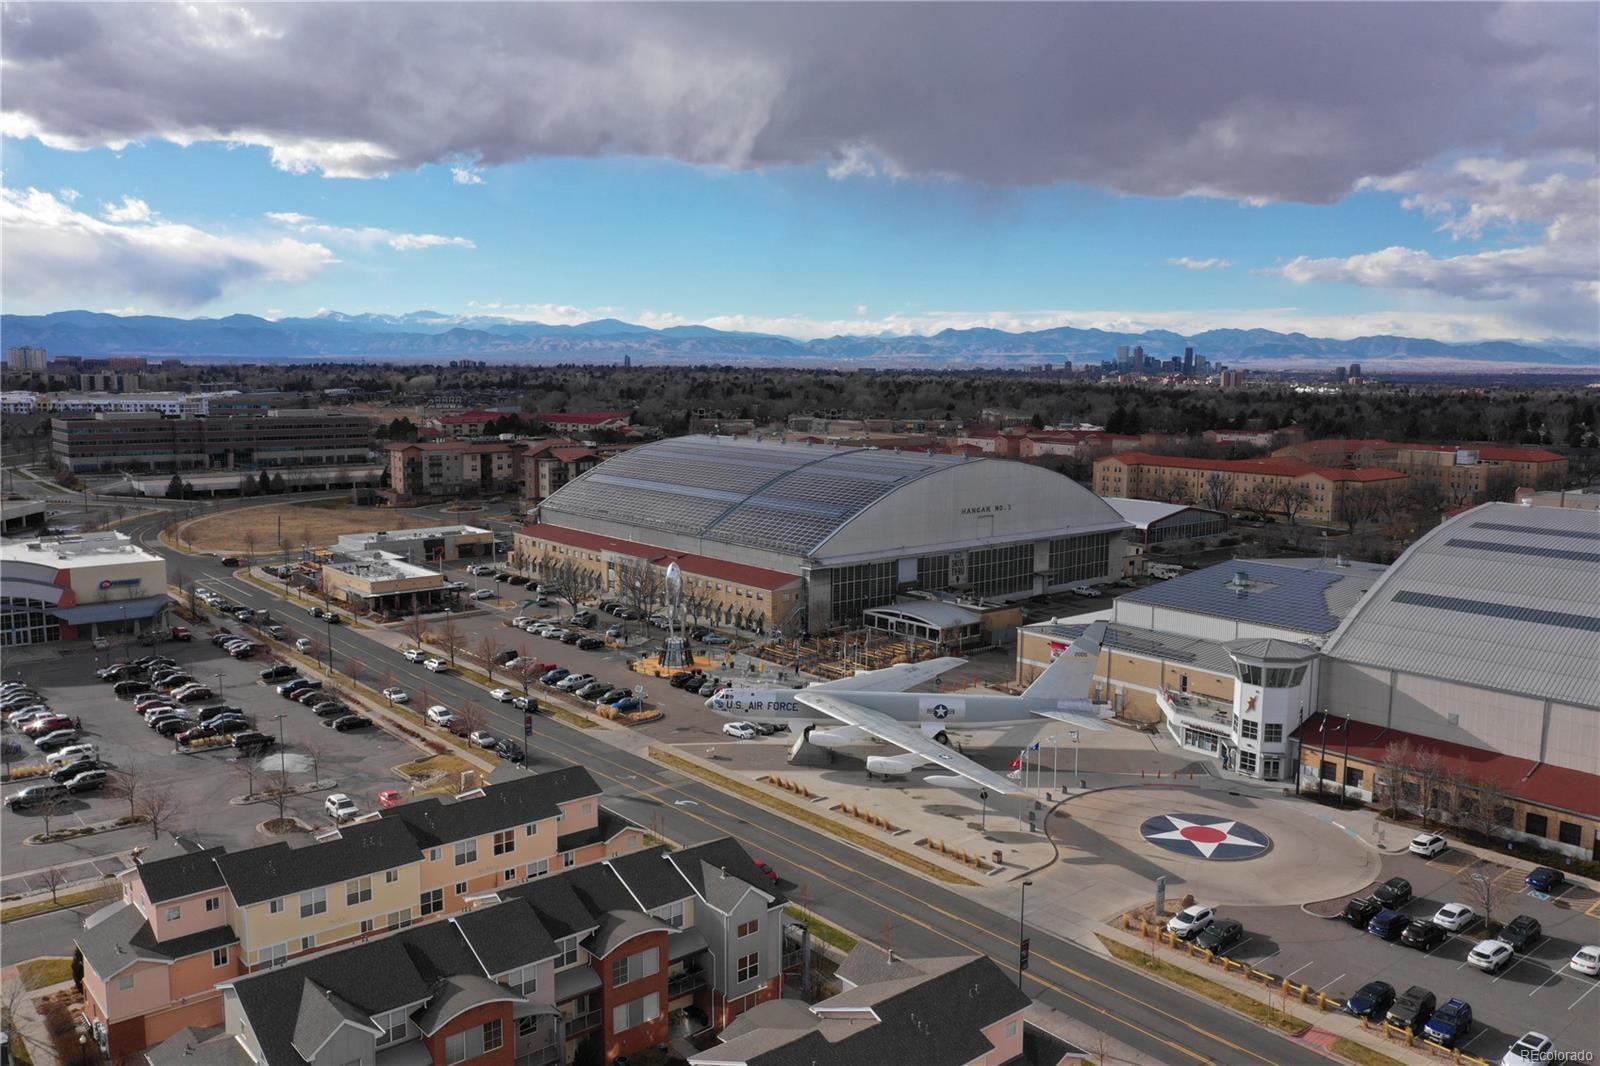 MLS# 6373921 - 13 - 6880 E Lowry Boulevard #24, Denver, CO 80230